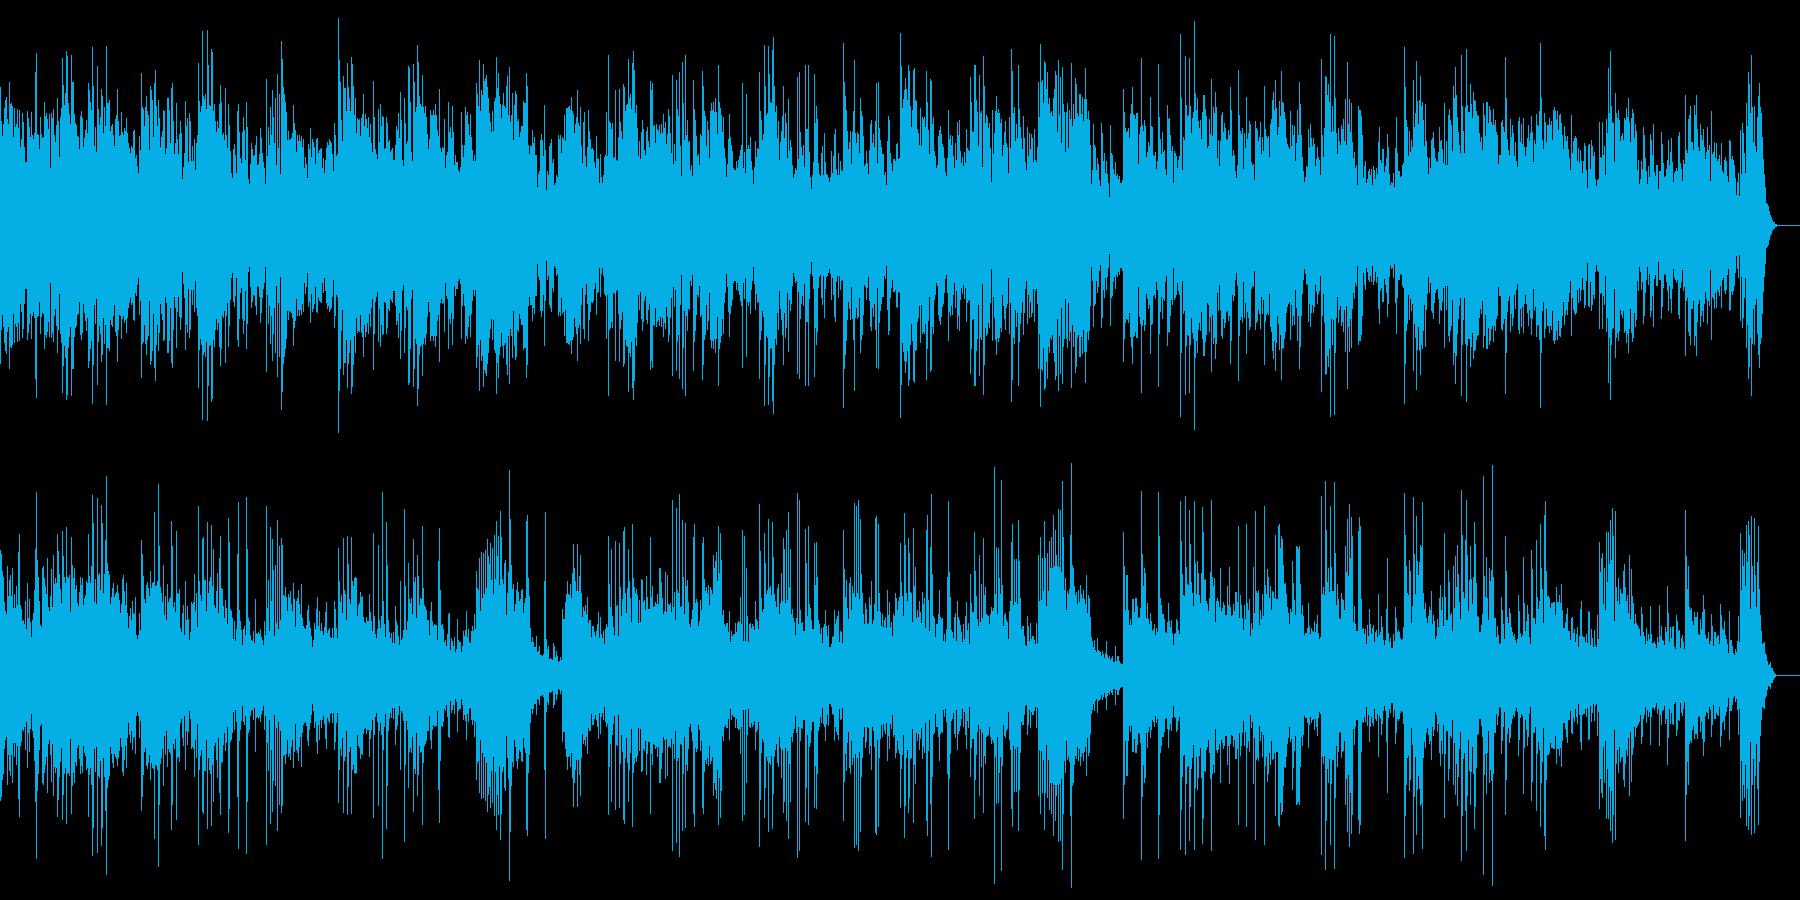 ピアノとシンセのアンビエントの再生済みの波形